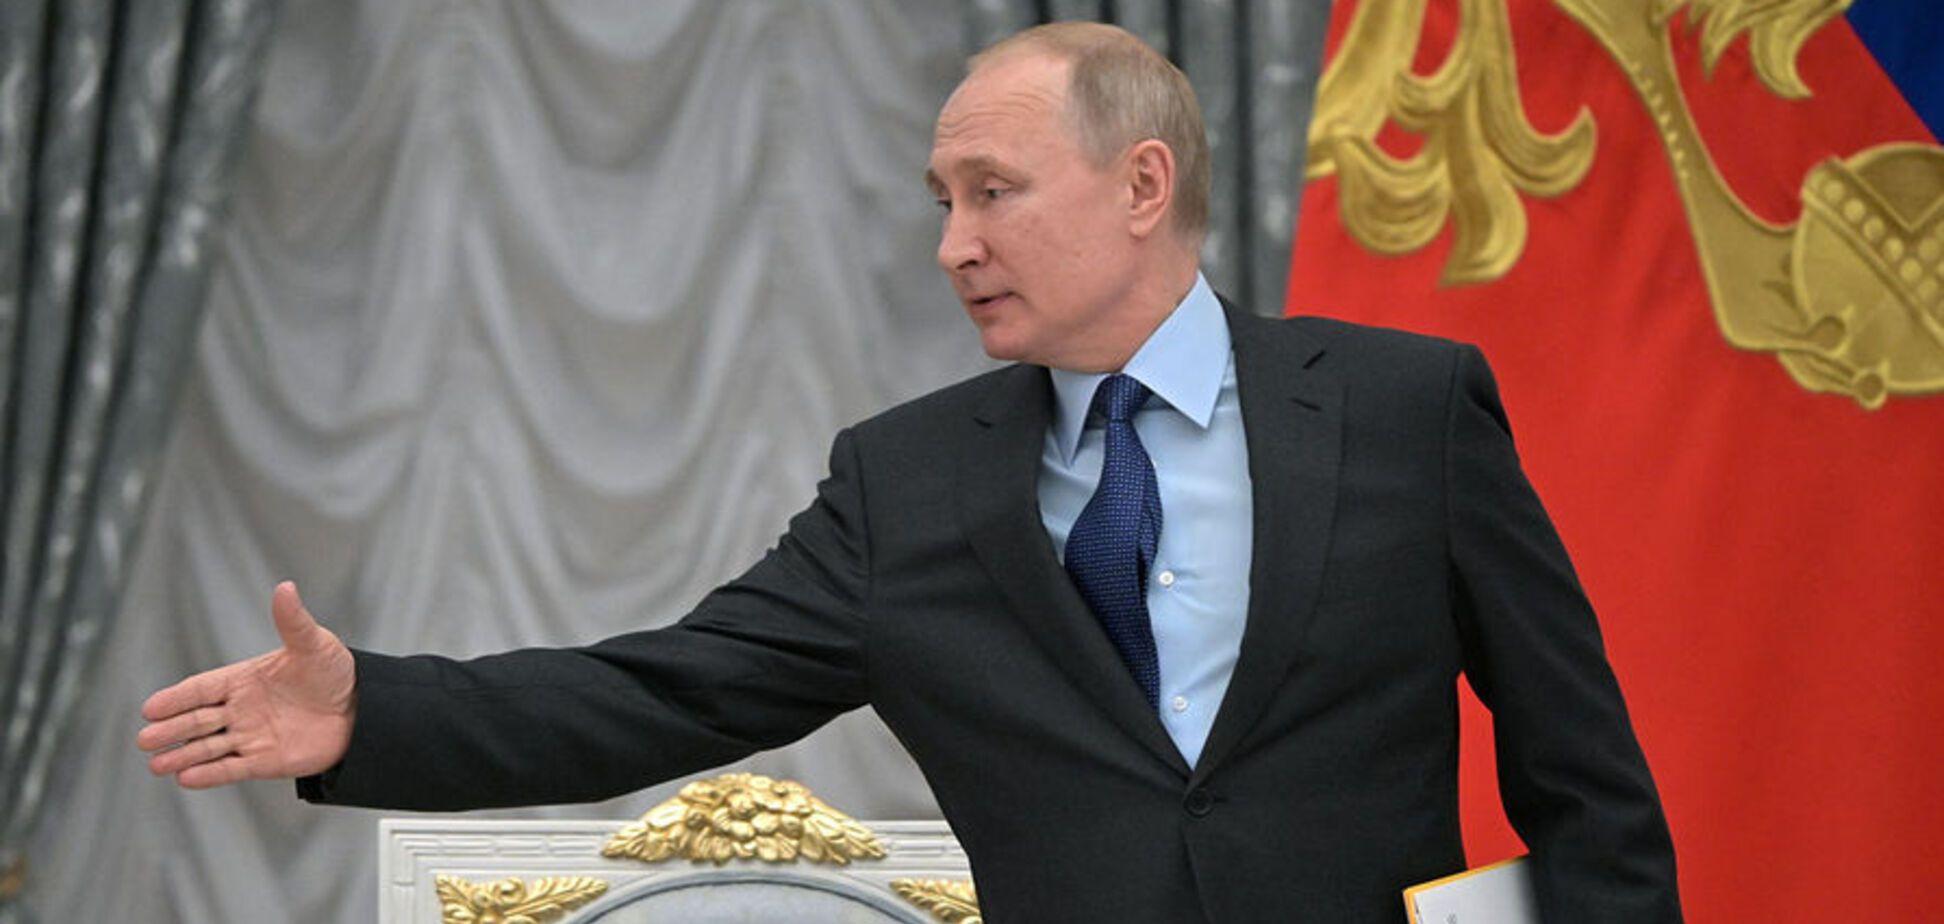 Путин проиграл, а рейтинг упал вместе с ценами на нефть